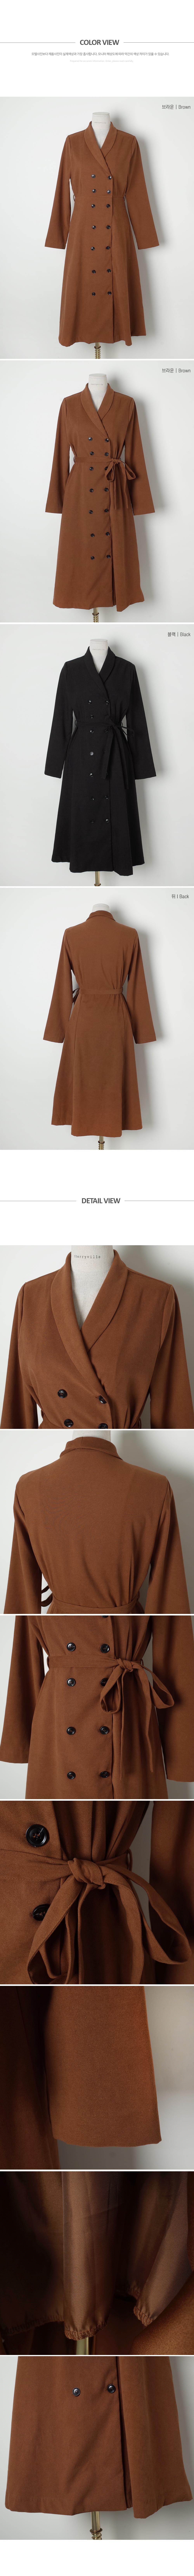 LINE ART DOUBLE BUTTON DRESS